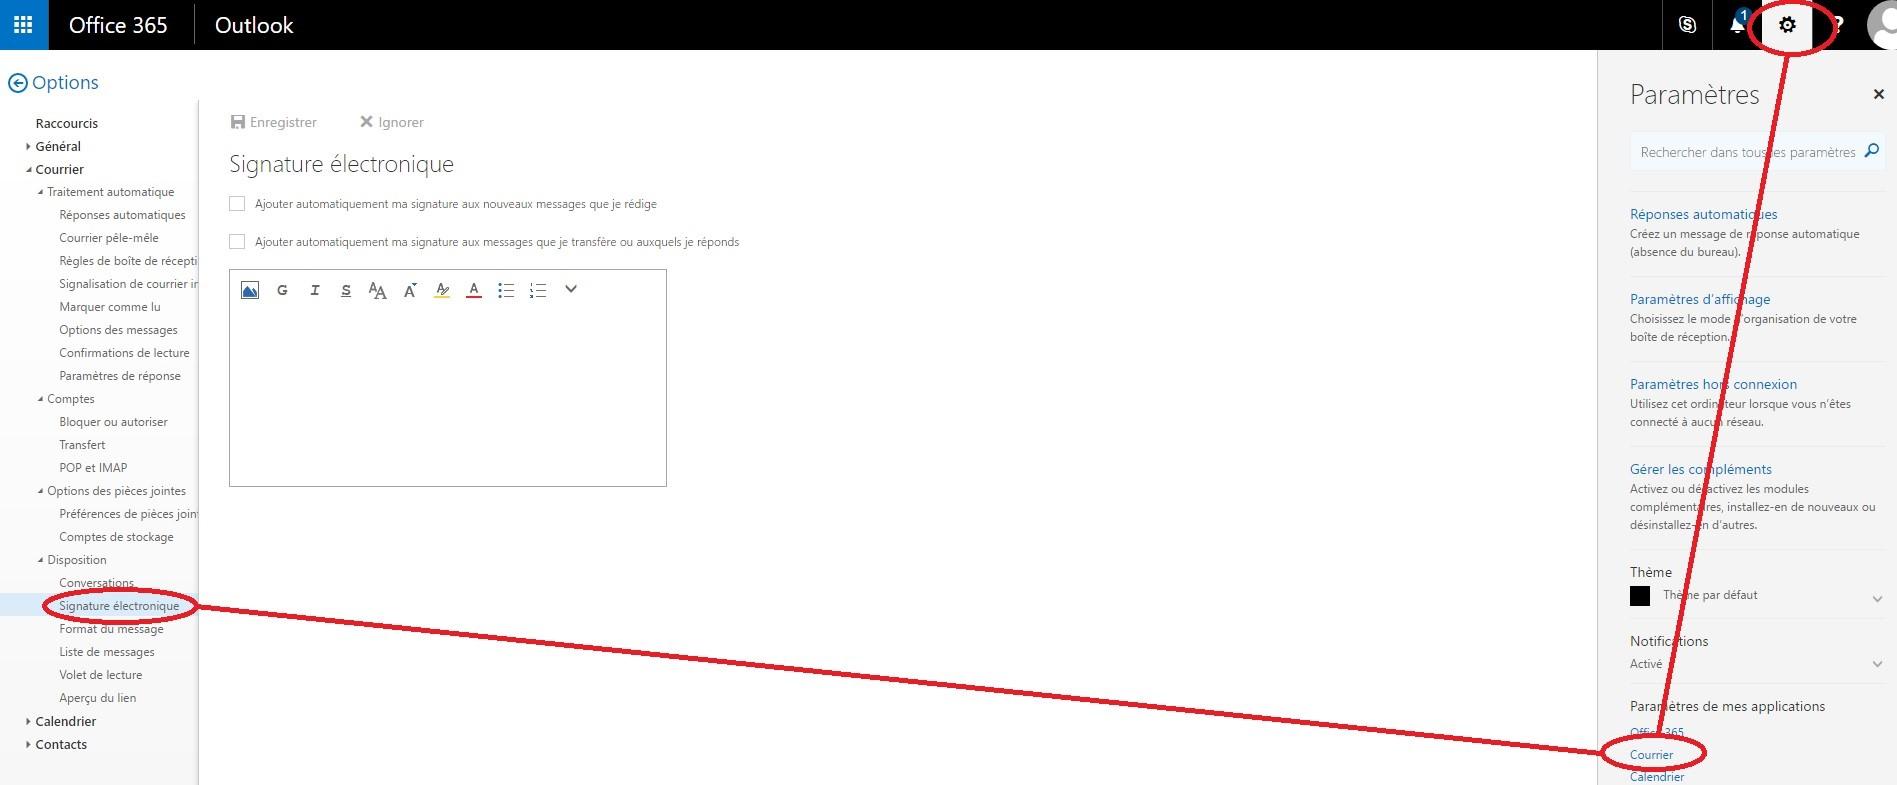 Office365_Guide_demarrage_img9.jpg